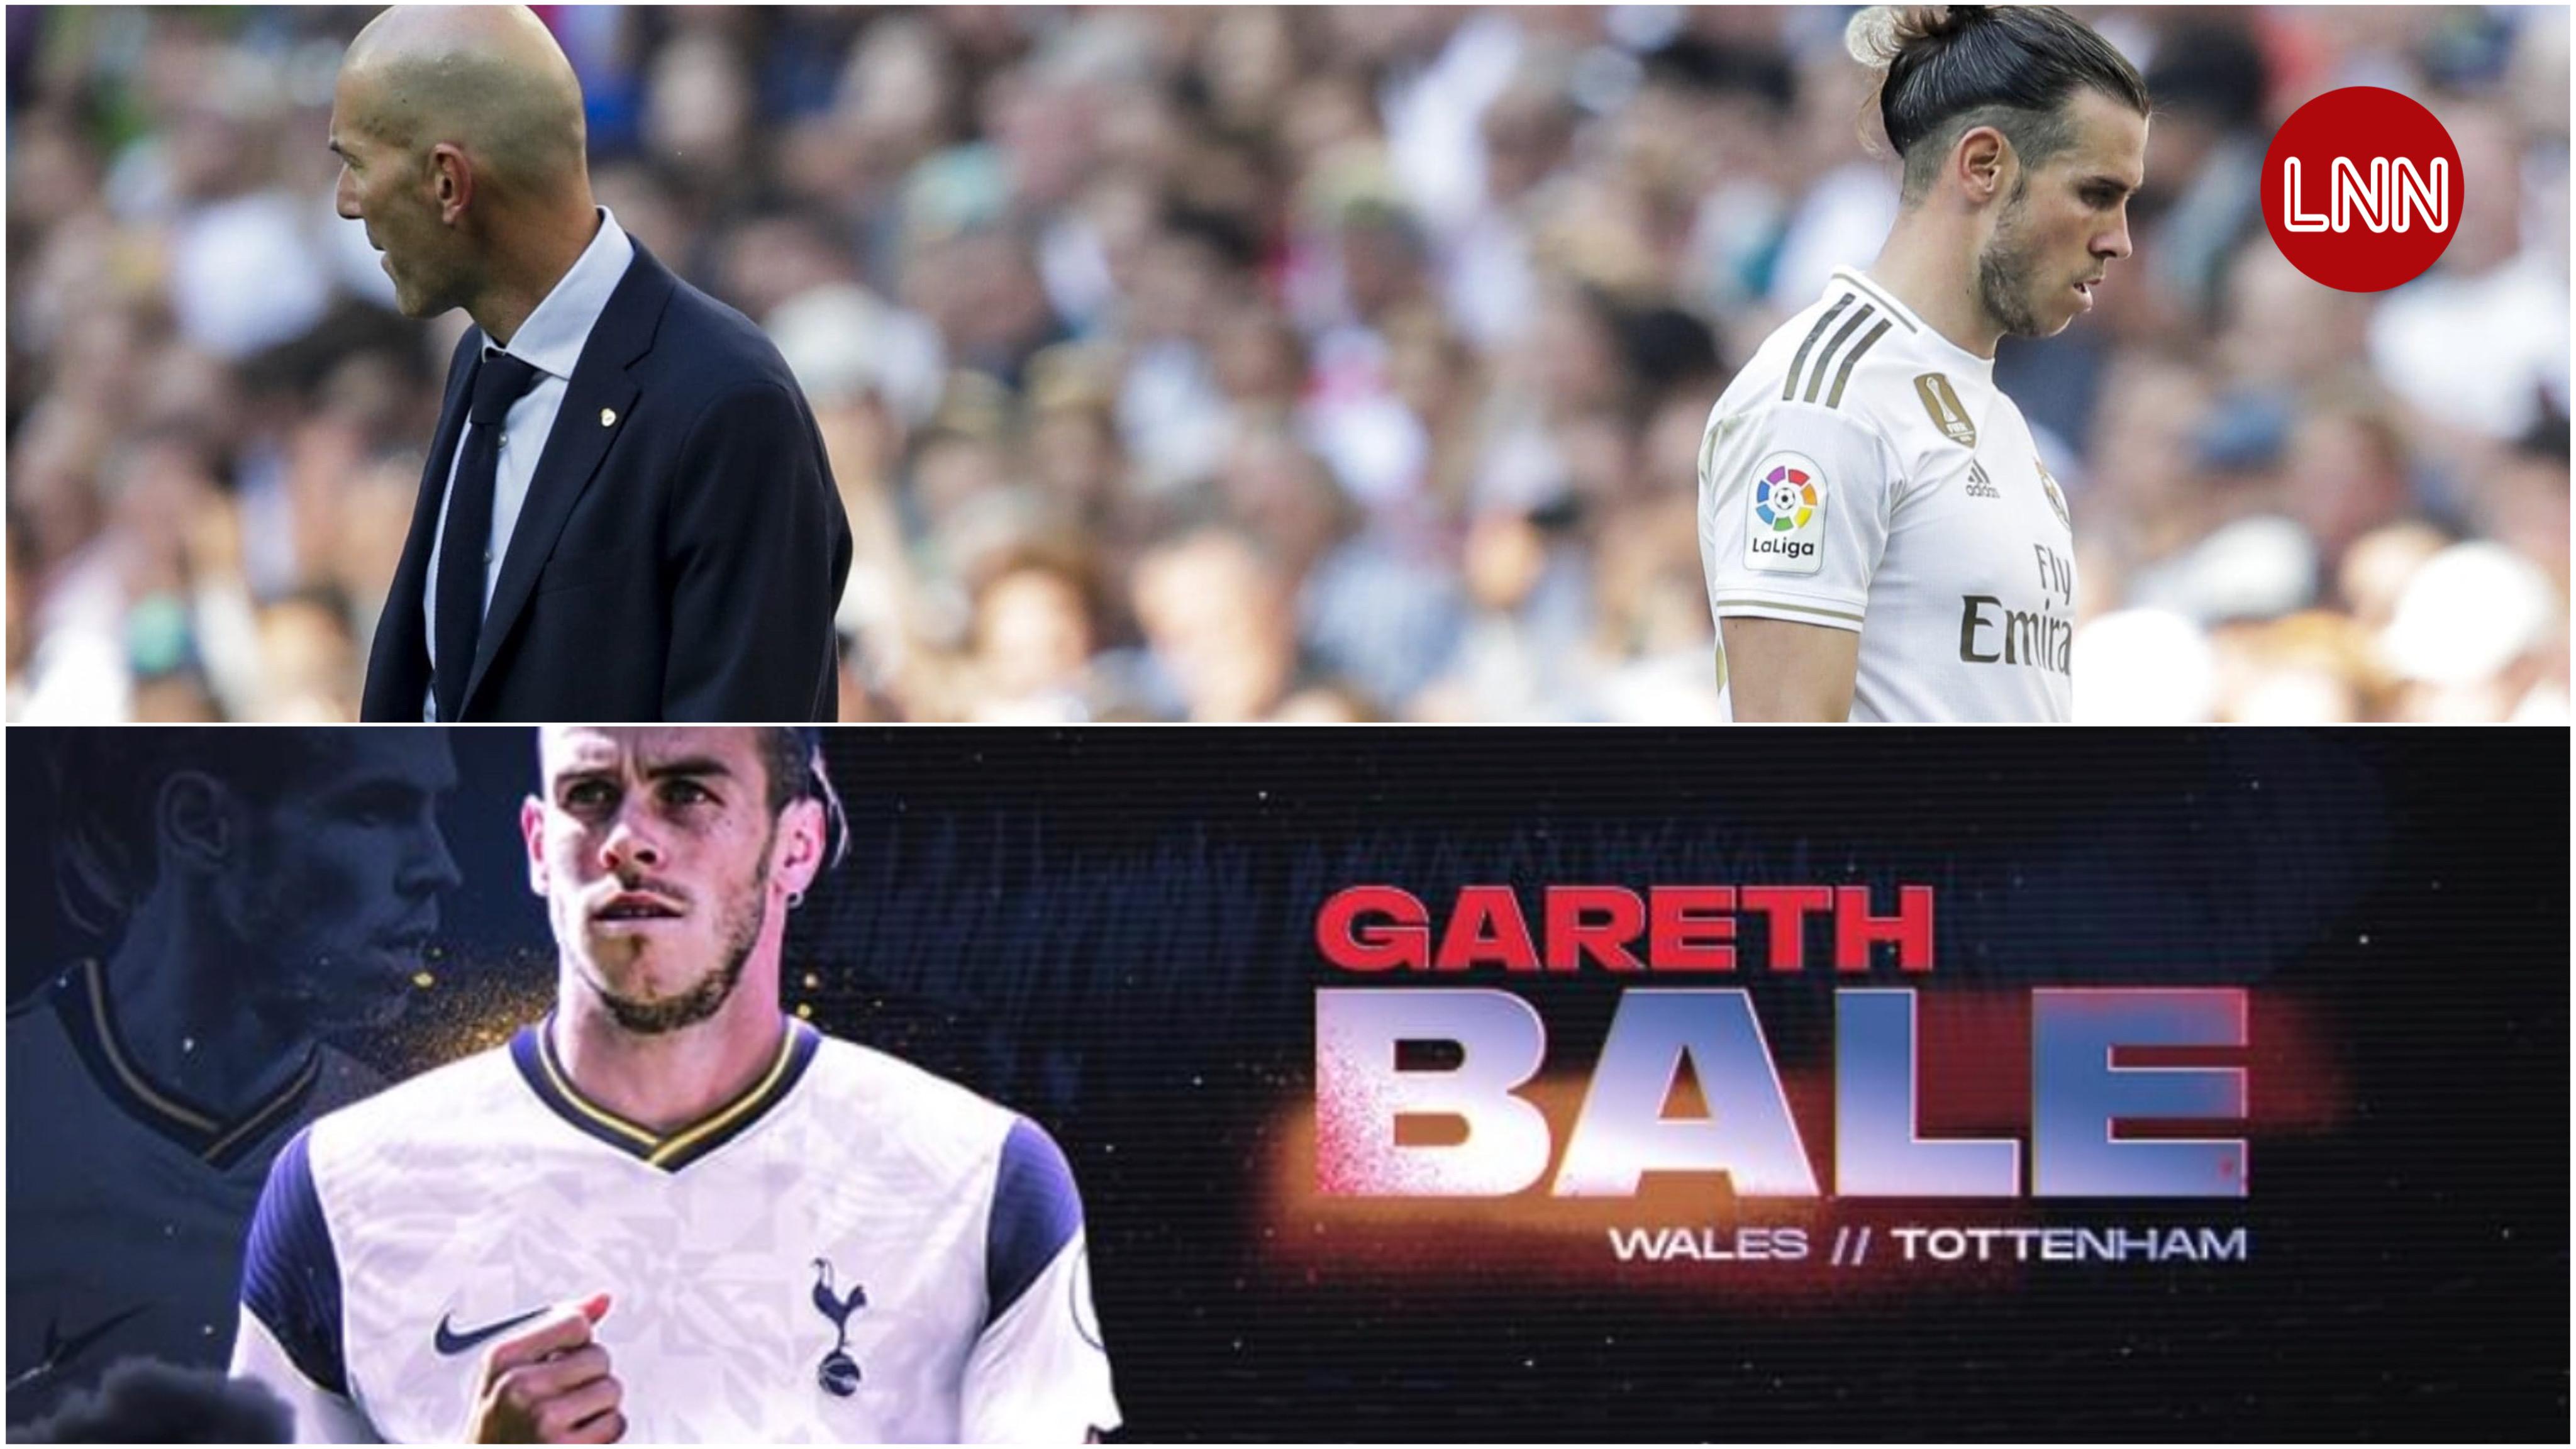 ក្រុមមាន់ខ្នាយមាស spur បានចុះហត្ថលេខាជាថ្មីលើខ្សែប្រយុទ្ធវ៉េល Bale ក្នុងលក្ខខណ្ឌខ្ចីជើង ១រដូវកាល